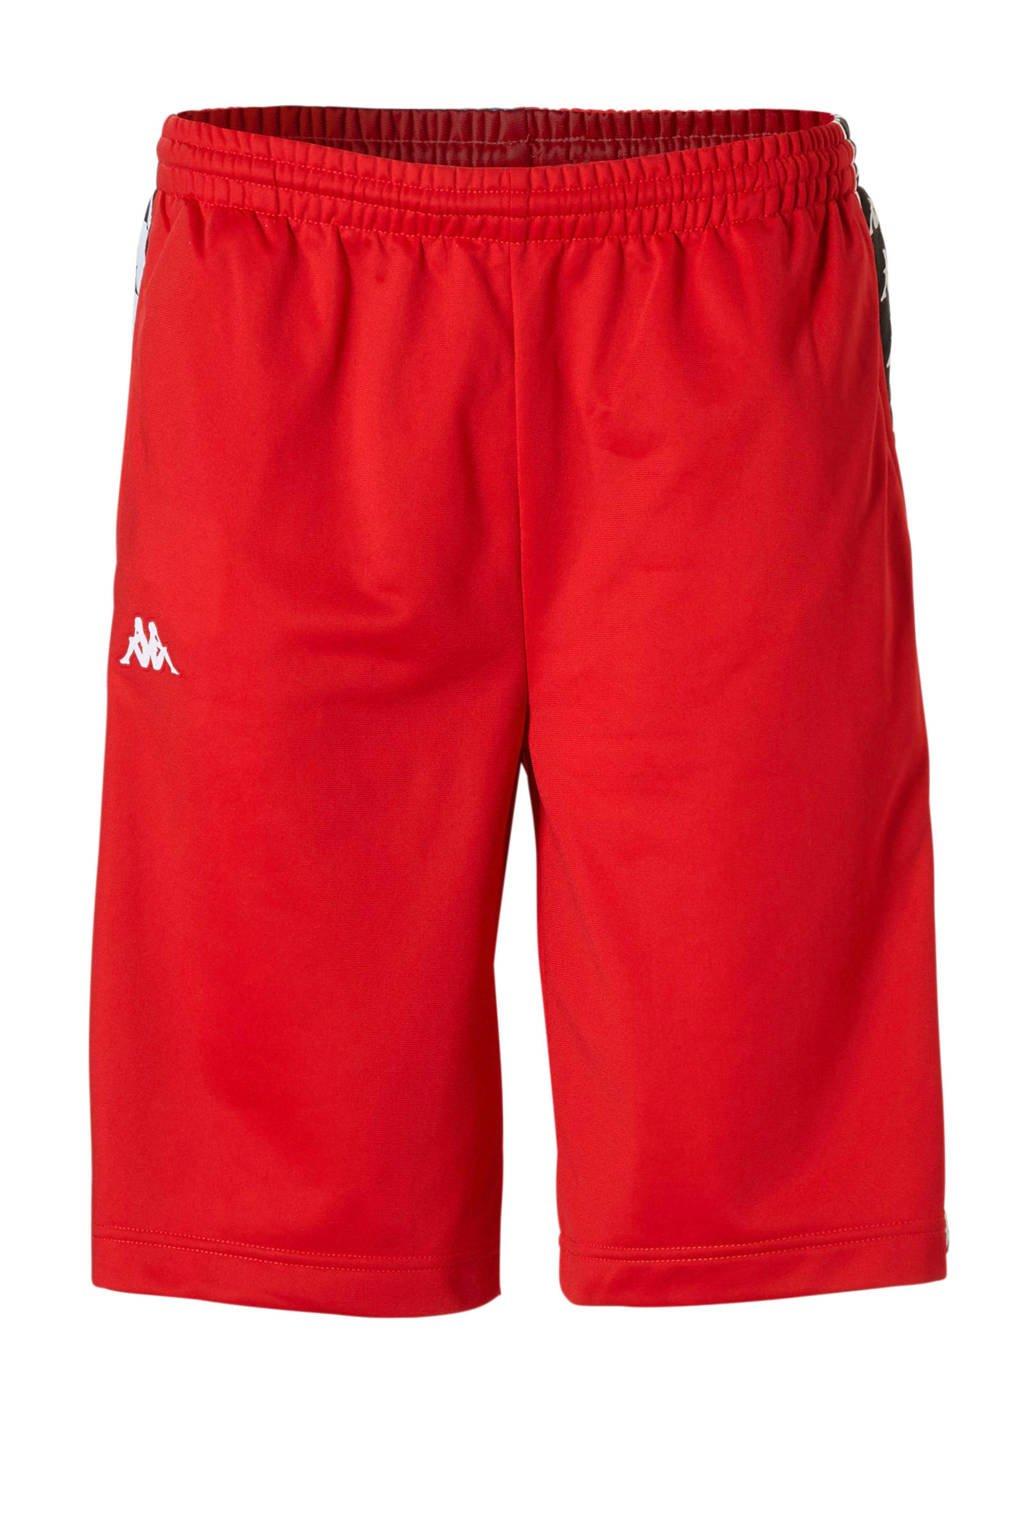 Kappa   short met zijstrepen rood/zwart, Rood/zwart